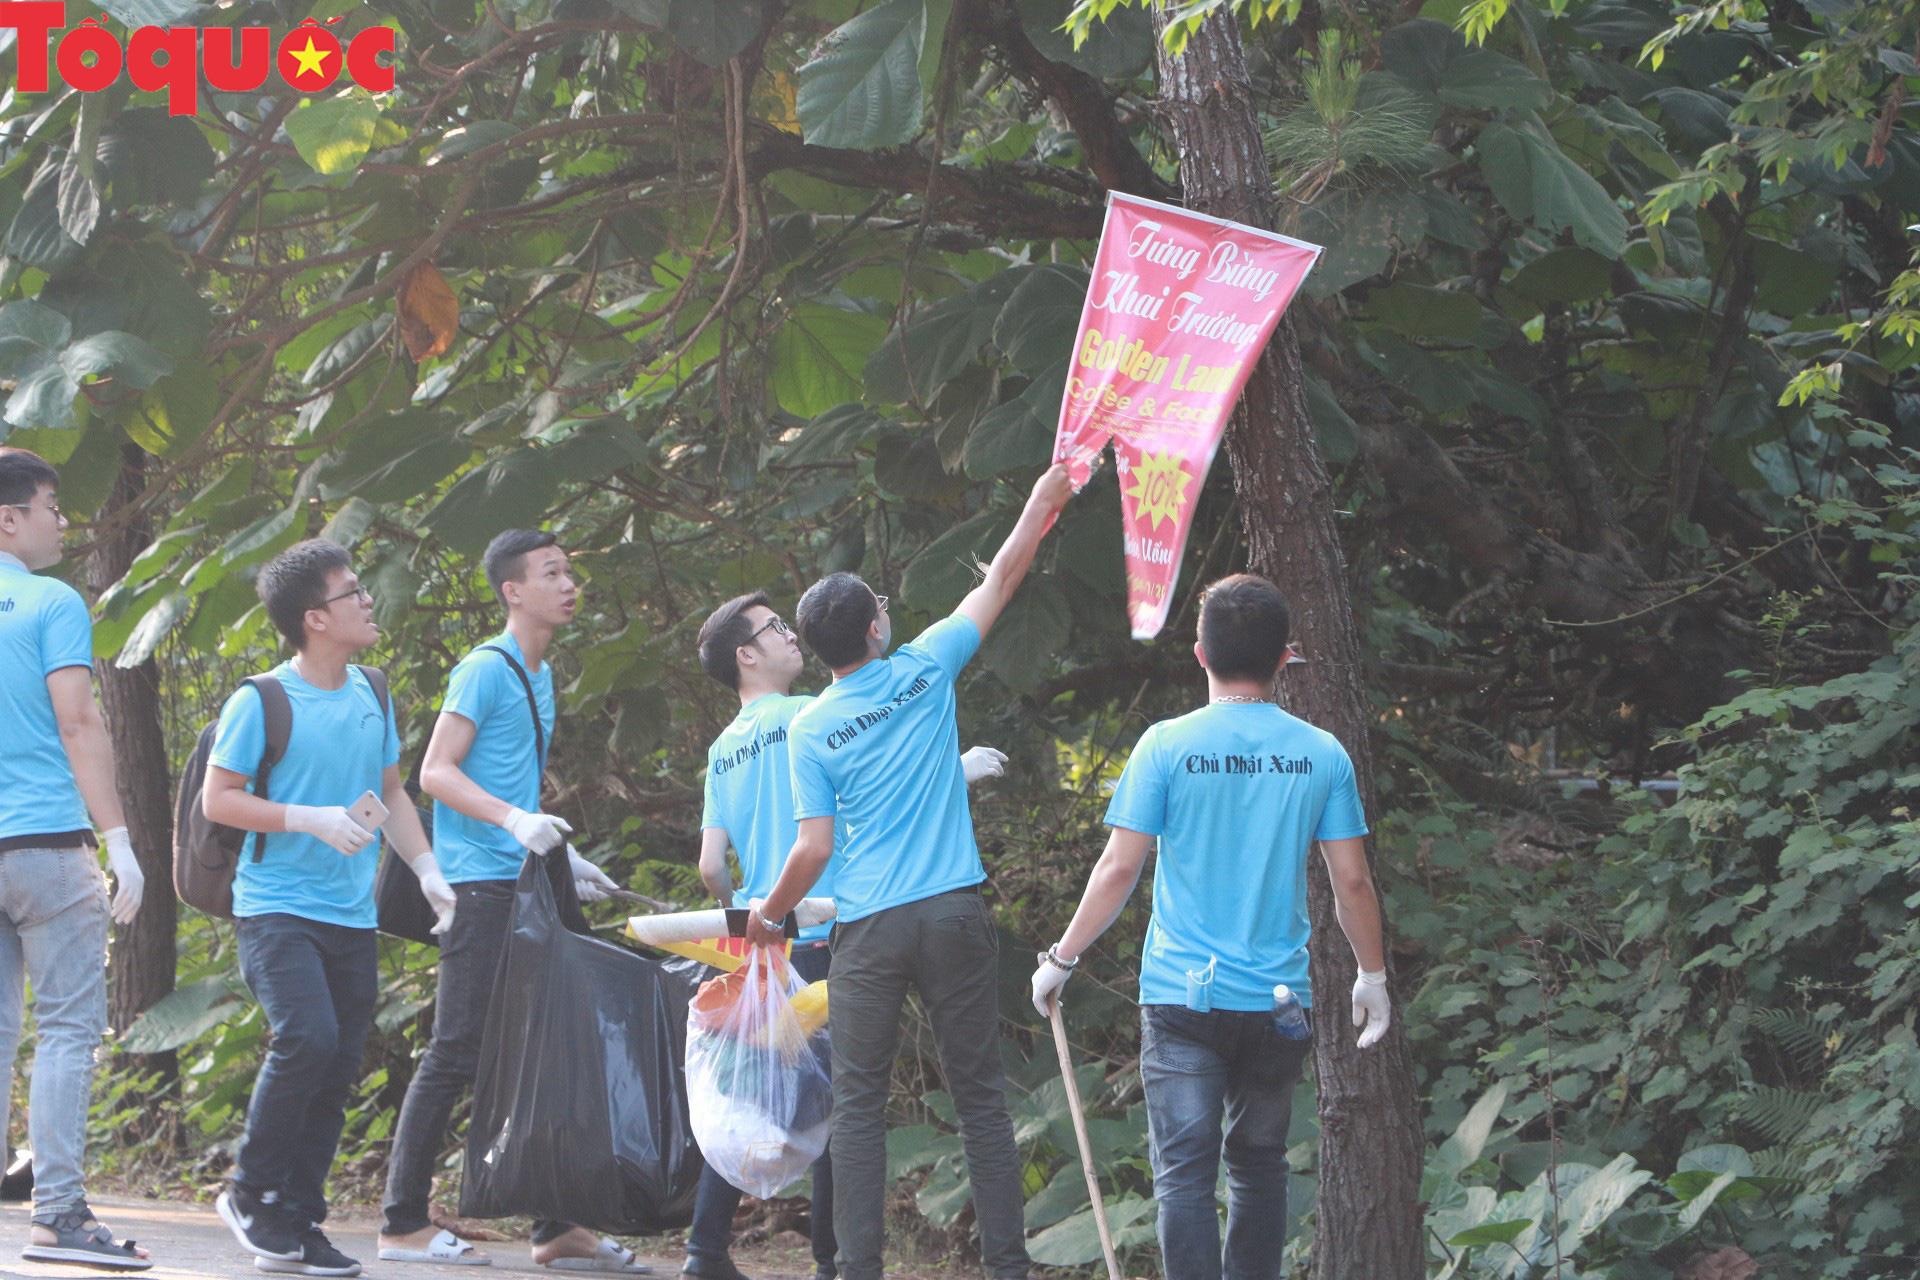 Phóng viên tại Huế nhặt rác làm sạch di tích, hưởng ứng Ngày chủ nhật xanh - Ảnh 6.